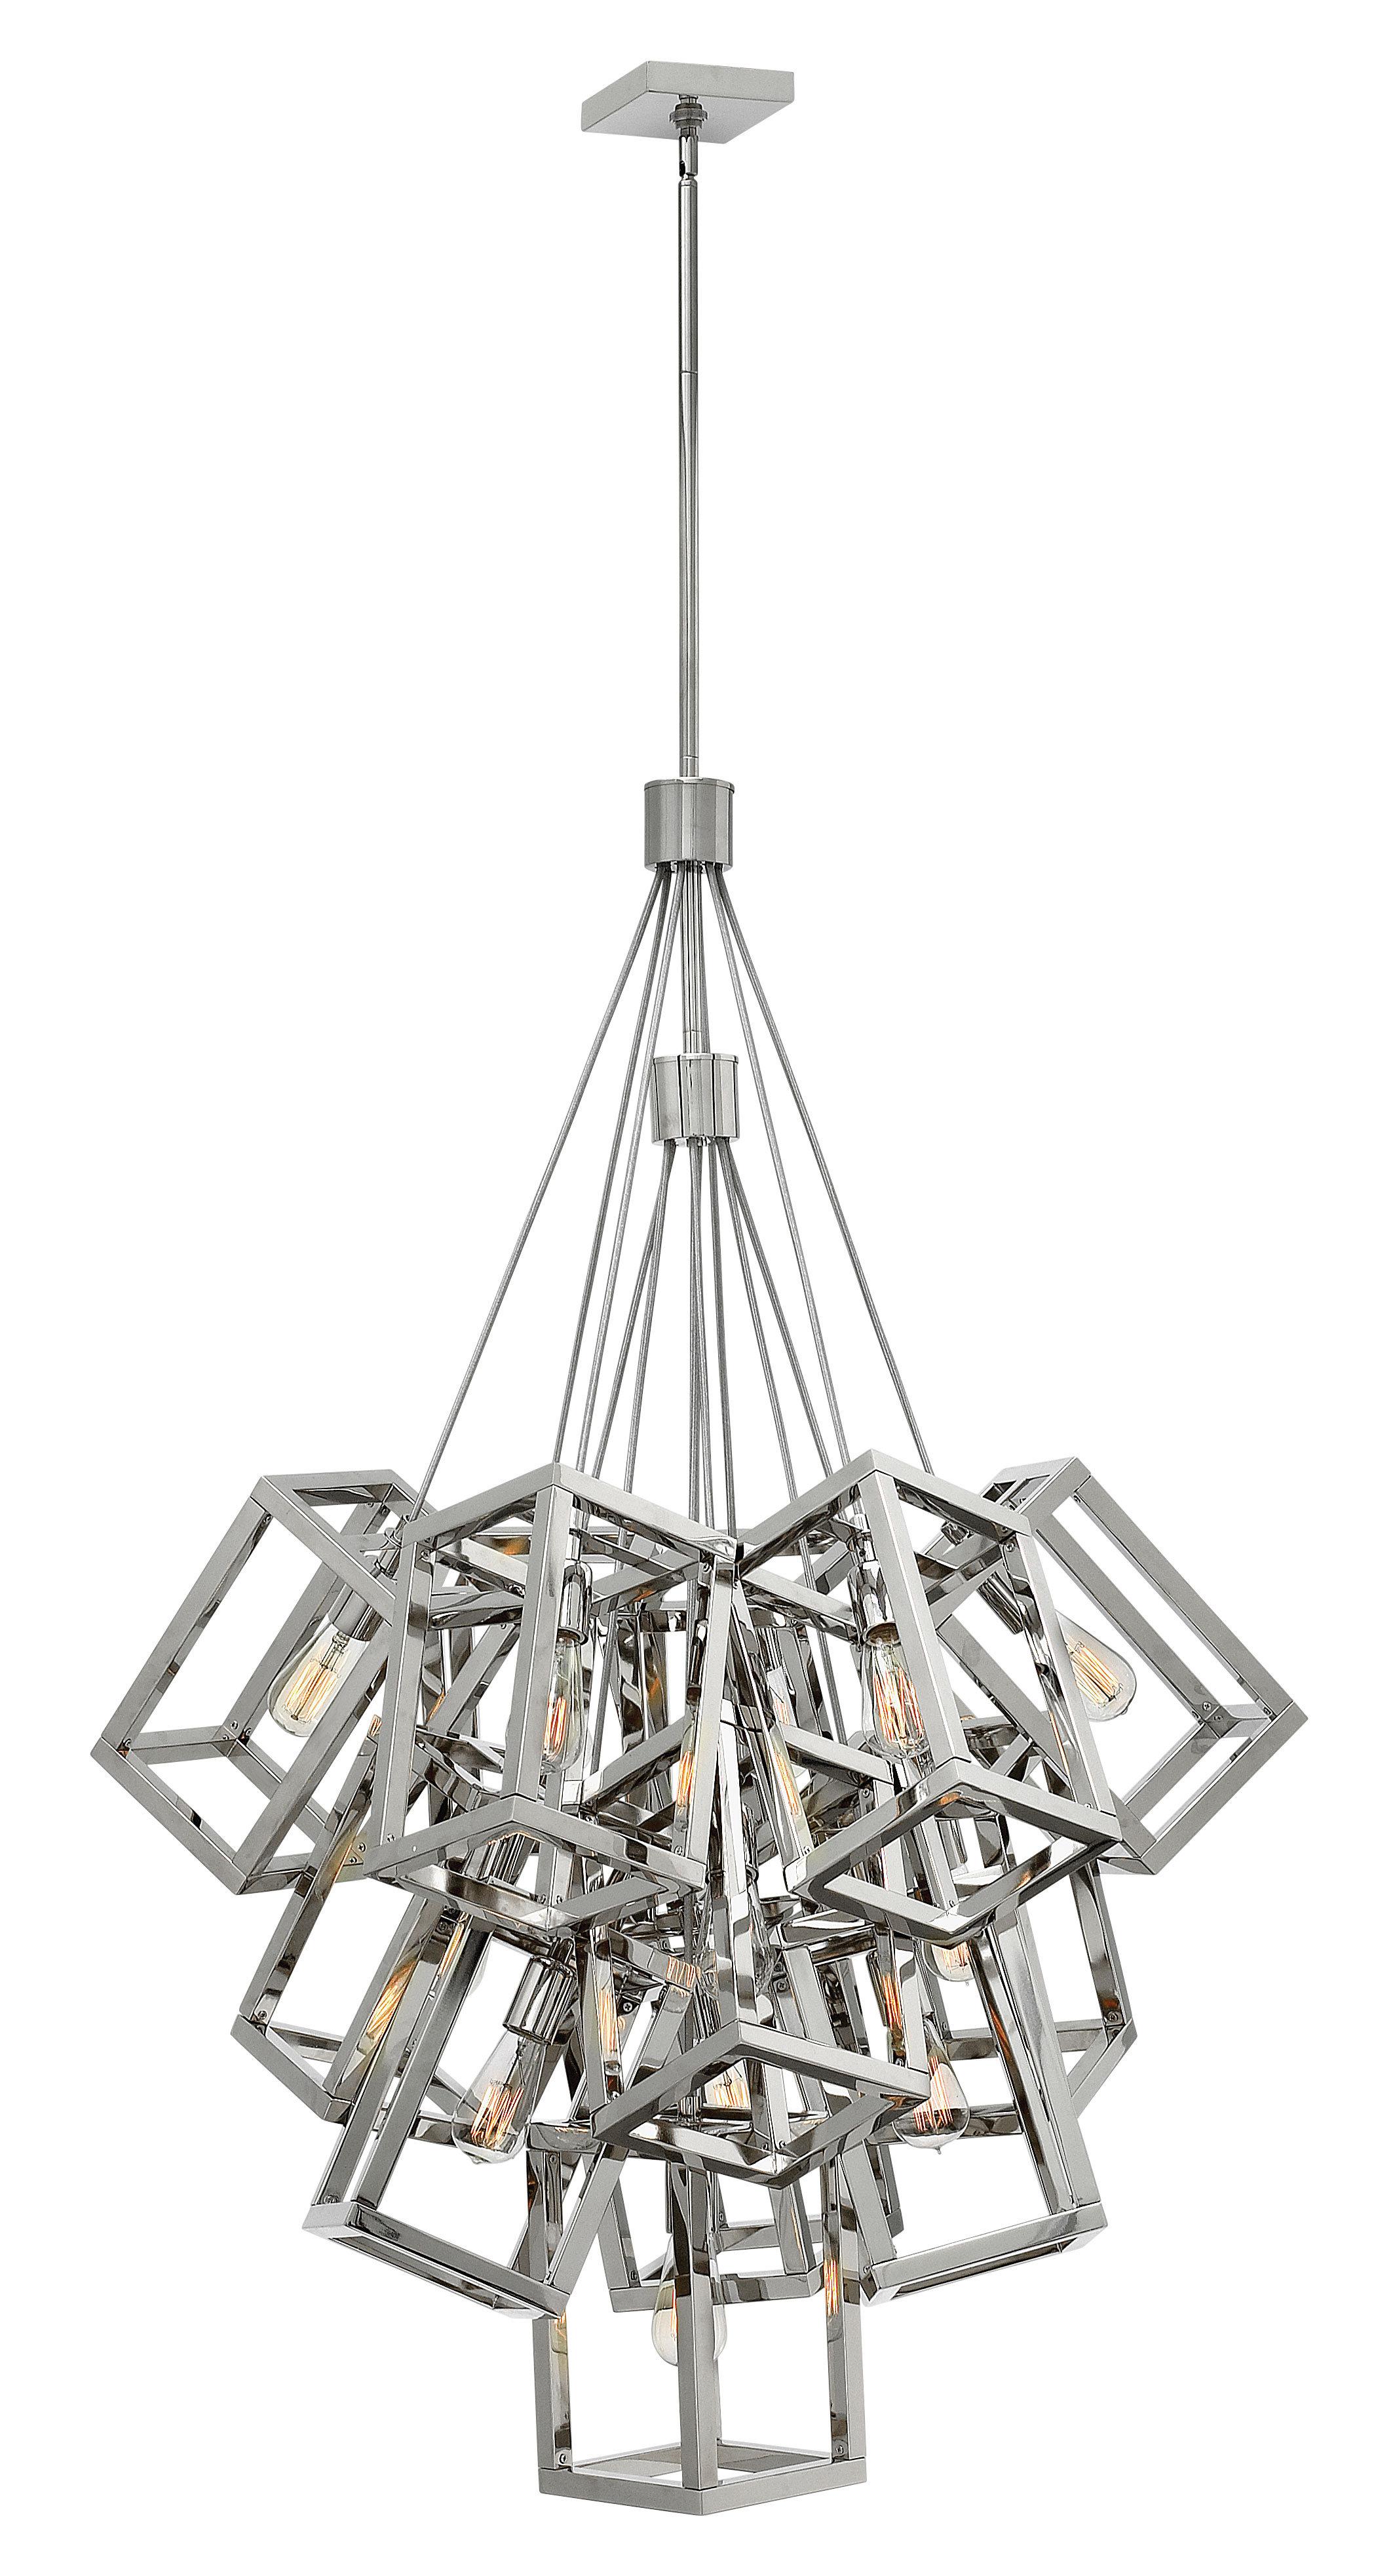 Hinkley lighting ensemble 13 light cluster pendant wayfair